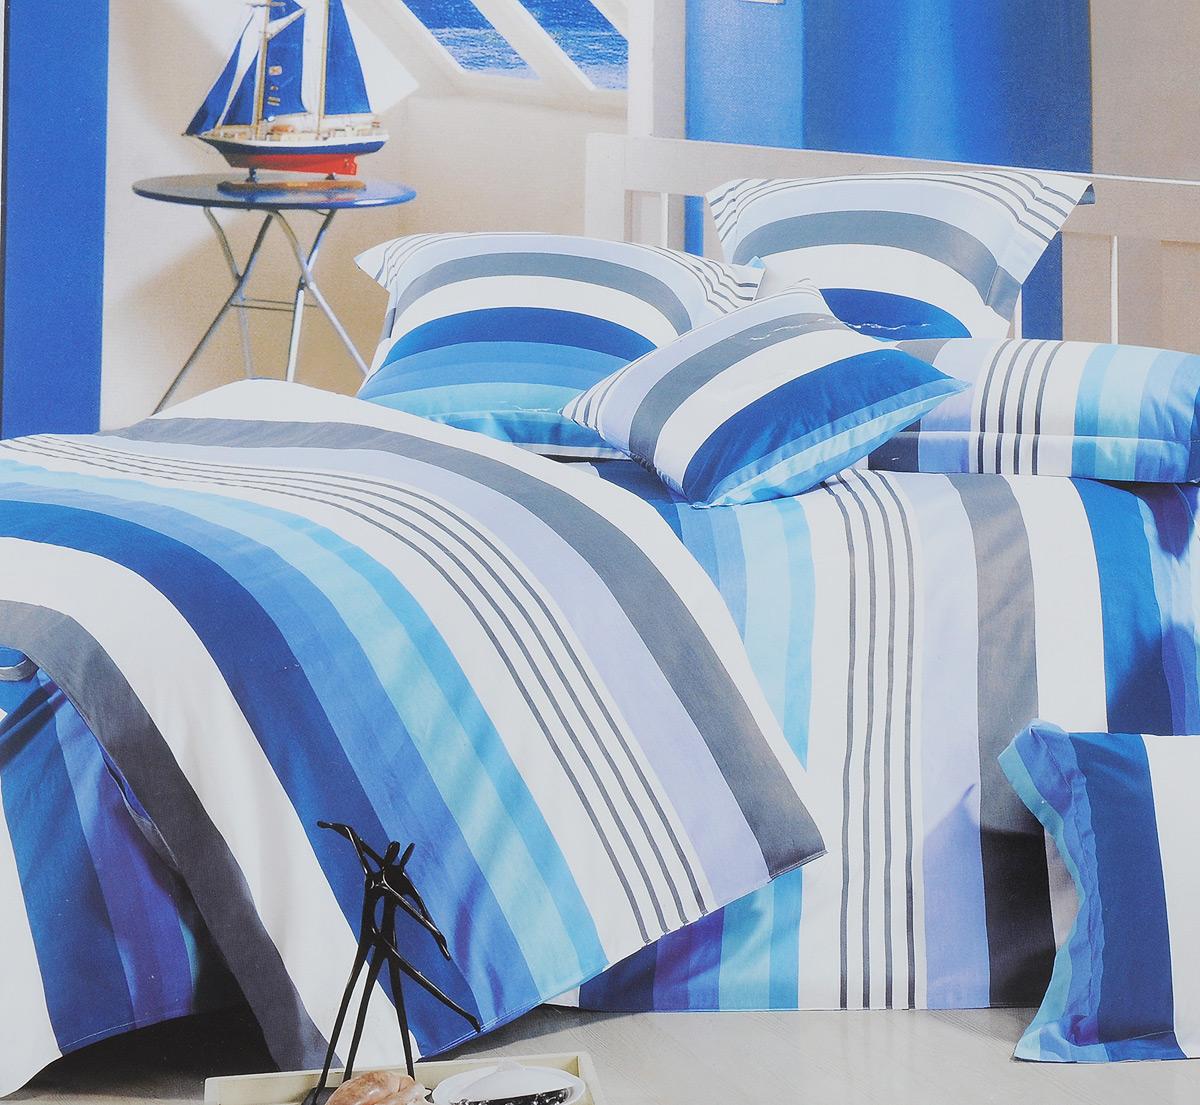 Комплект белья МарТекс Лагуна, евро, наволочки 50х70, 70х70, цвет: белый, голубой, синий01-0204-3Комплект постельного белья МарТекс Лагуна состоит из пододеяльника на молнии, простыни, двух наволочек 50х70 и двух наволочек 70х70. Постельное белье оформлено цветными полосками и имеет изысканный внешний вид. Сатин - производится из высших сортов хлопка, а своим блеском, легкостью и на ощупь напоминает шелк. Такая ткань рассчитана на 200 стирок и более. Постельное белье из сатина превращает жаркие летние ночи в прохладные и освежающие, а холодные зимние - в теплые и согревающие. Благодаря натуральному хлопку, комплект постельного белья из сатина приобретает способность пропускать воздух, давая возможность телу дышать. Одно из преимуществ материала в том, что он практически не мнется и ваша спальня всегда будет аккуратной и нарядной. Приобретая комплект постельного белья МарТекс Лагуна, вы можете быть уверенны в том, что покупка доставит вам и вашим близким удовольствие и подарит максимальный комфорт.